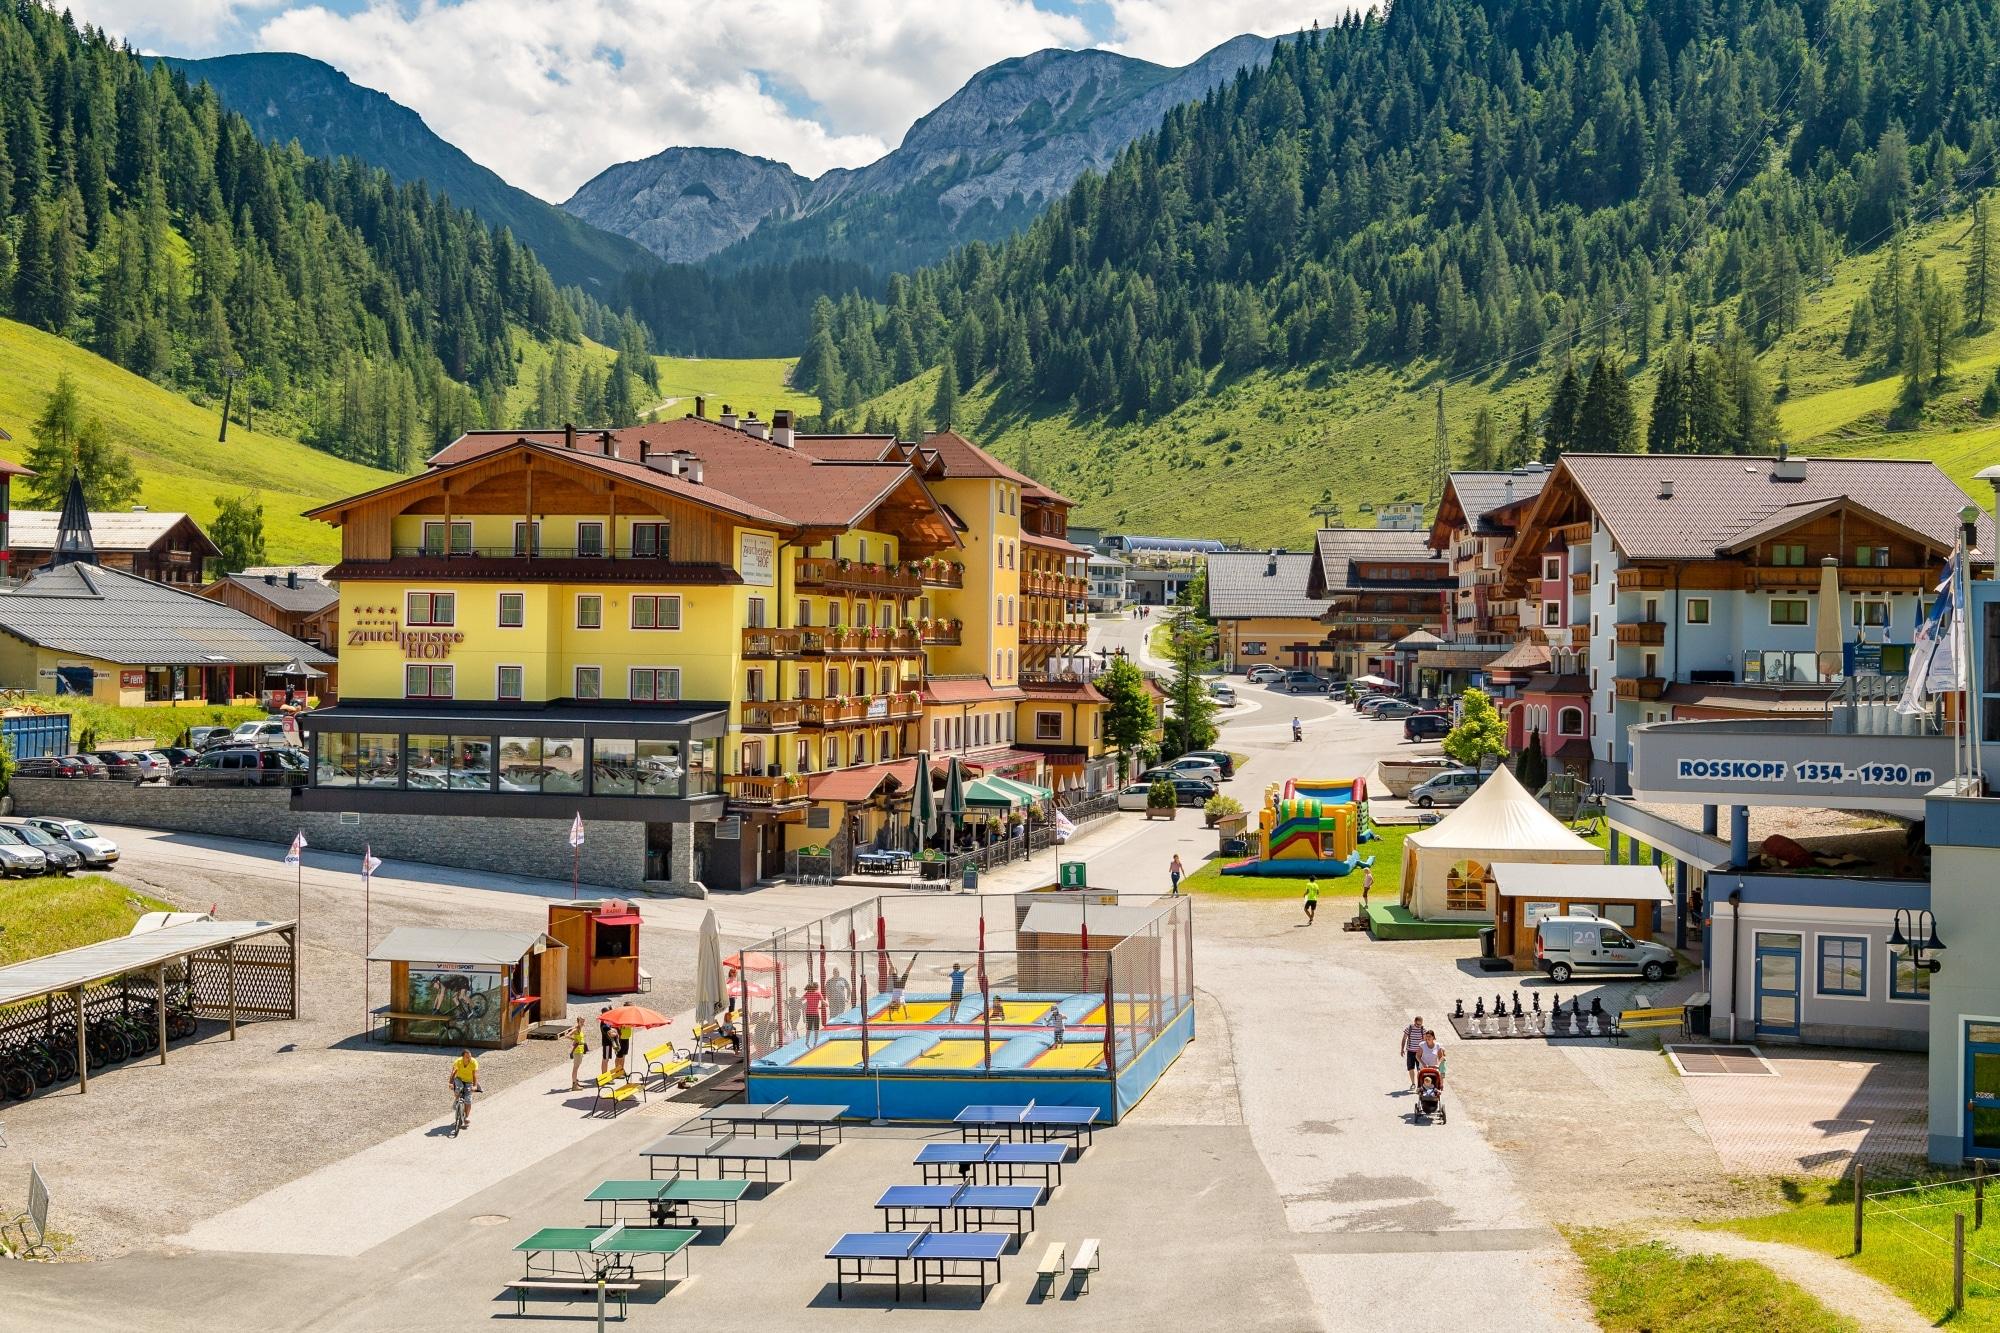 Talstation Zauchenseehof im Sommer: Trampoline und Tischtennistische